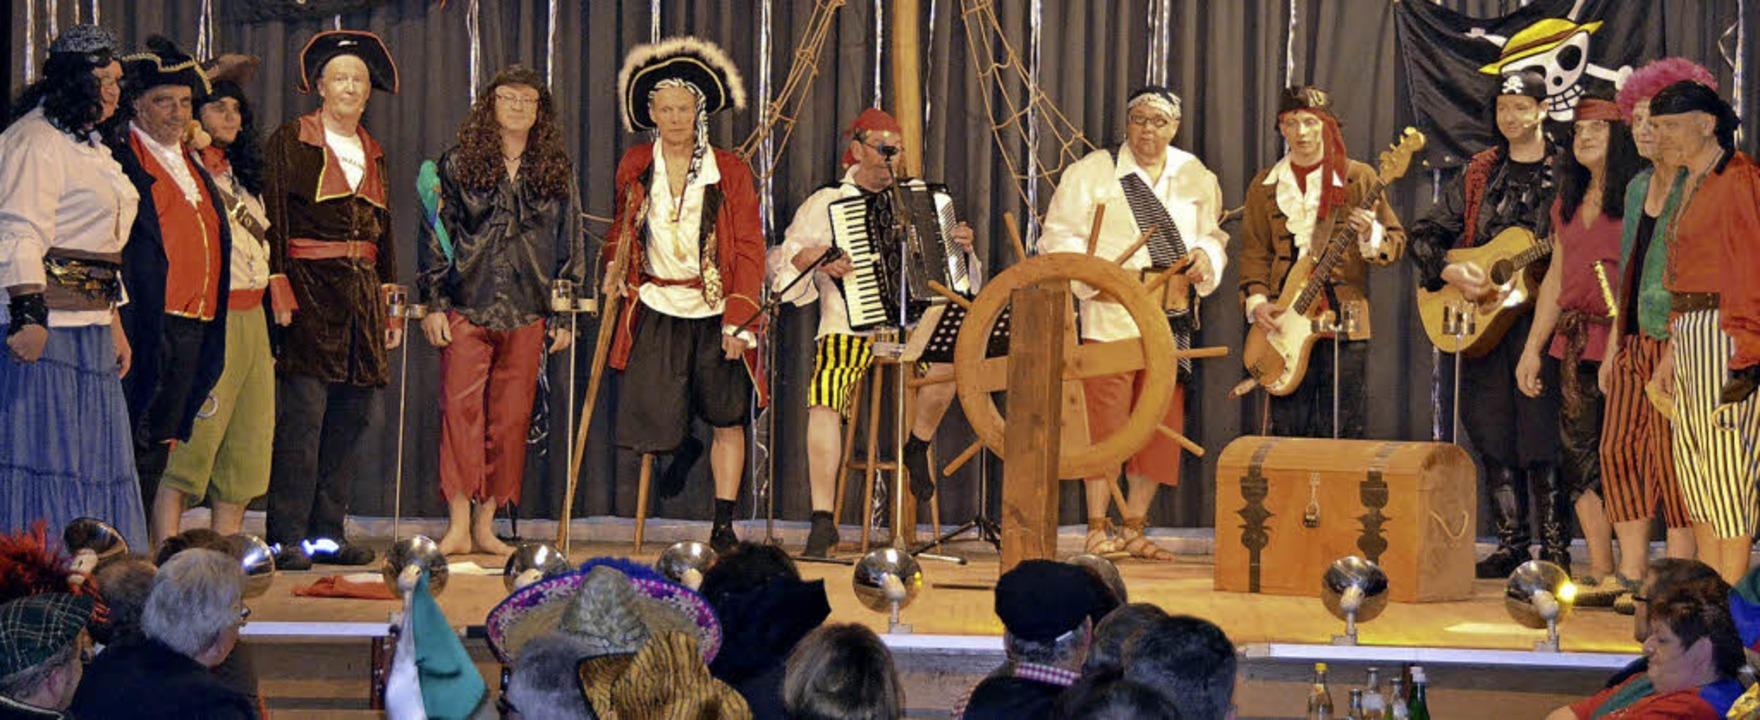 Zunftabend 2015: die Brezele Buebe als Piraten beim Potpourri  | Foto: Markus Maier